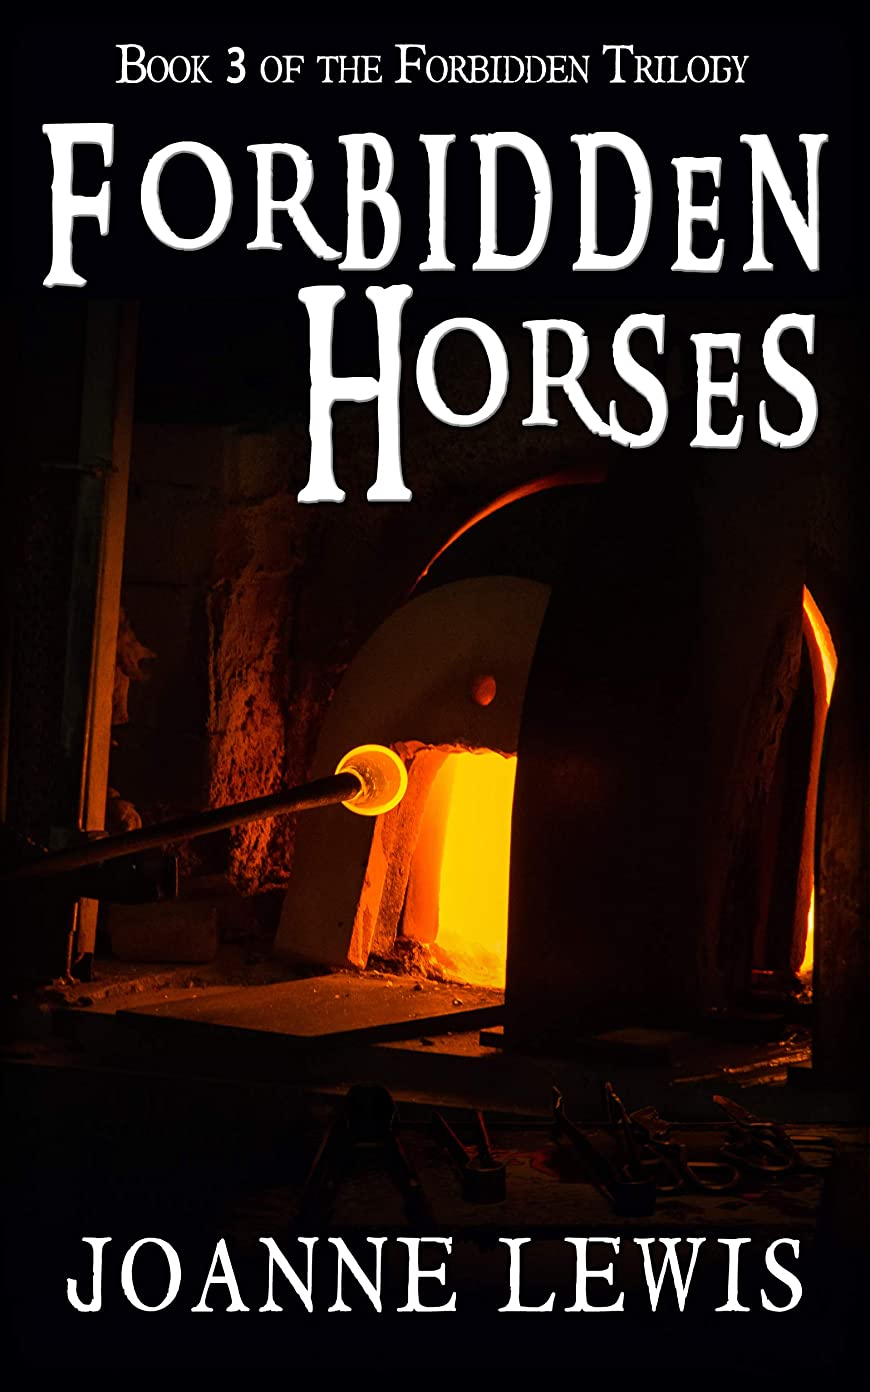 航空会社リレーナチュラルForbidden Horses: Book 3 of the Forbidden Trilogy (English Edition)